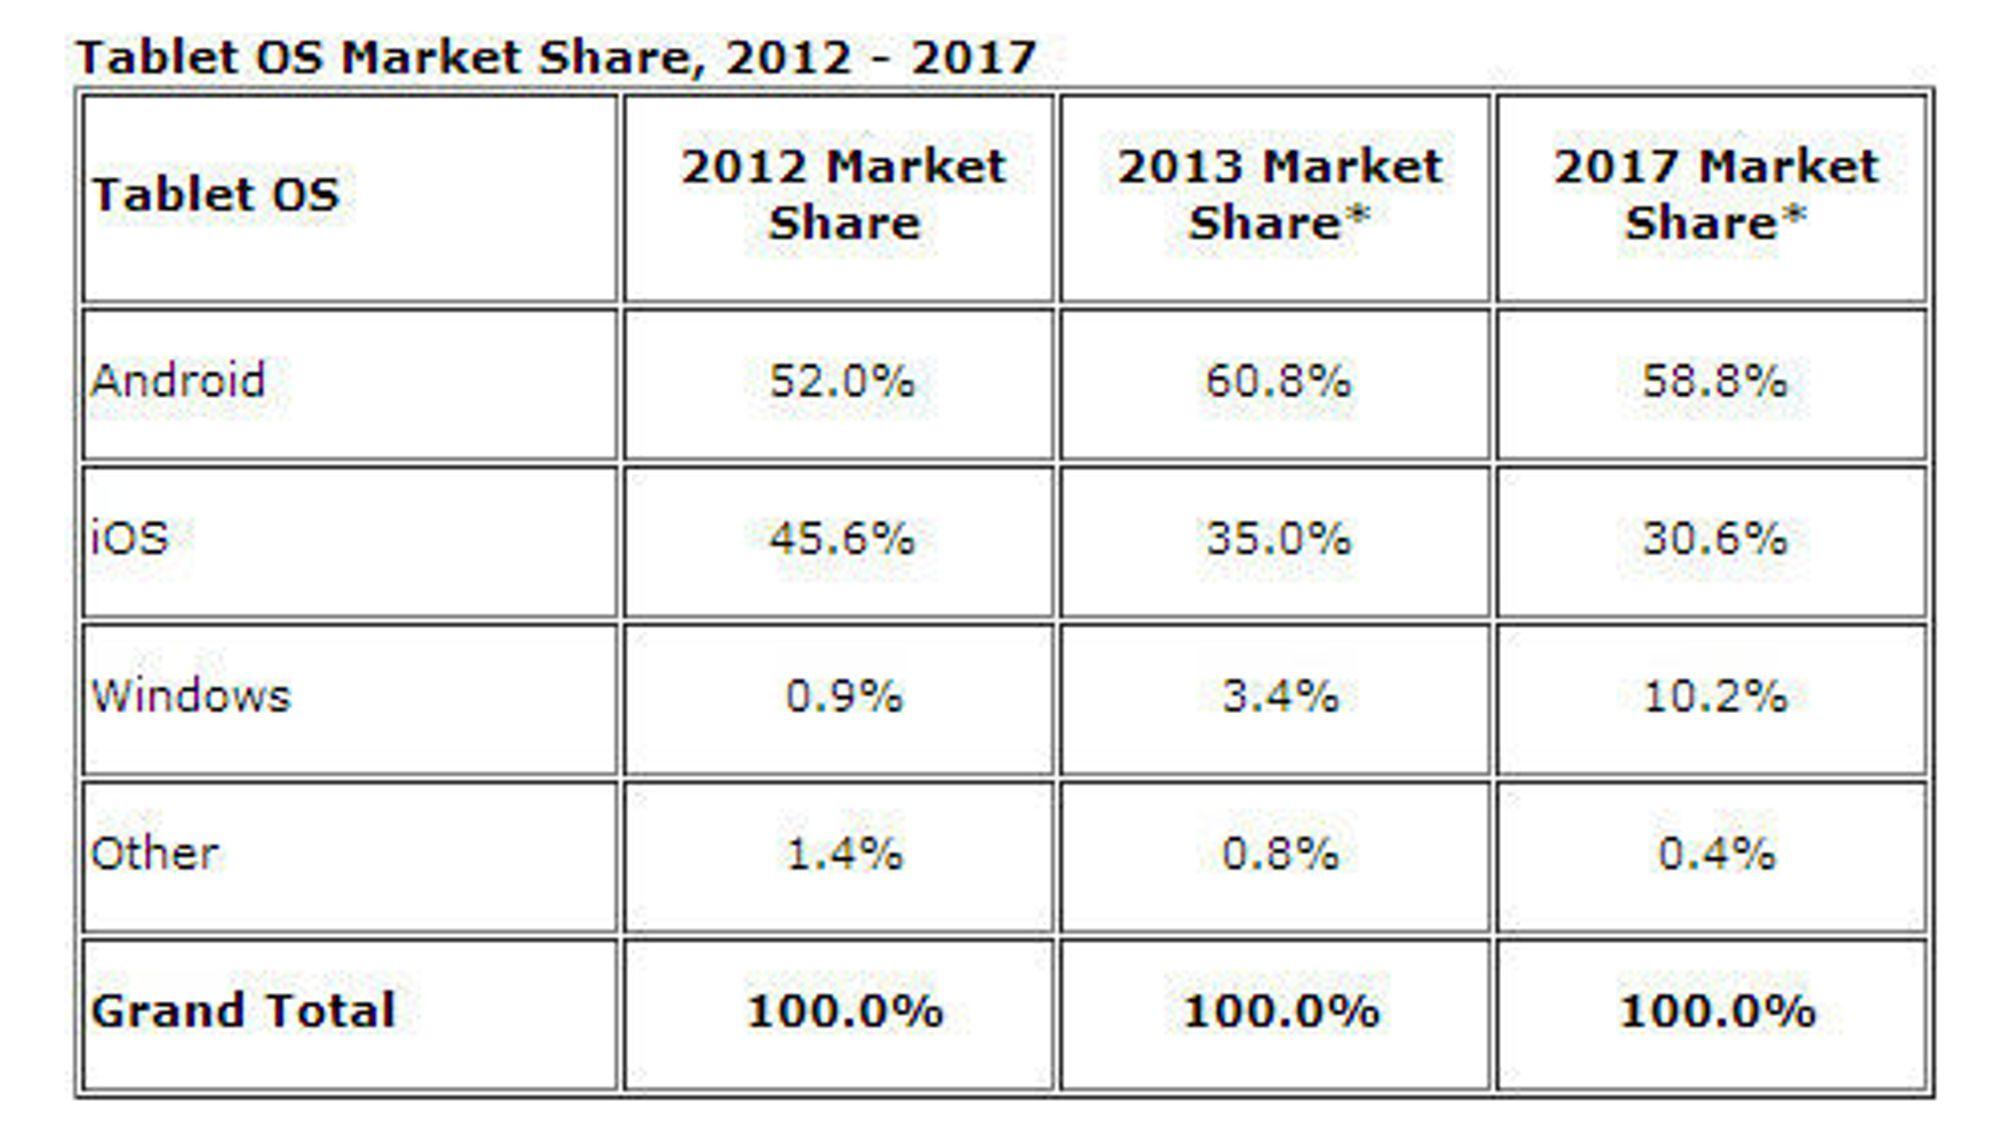 IDCs oppdaterte prognonse for de ulike plattformenes andeler i nettbrettmarkedet i årene som kommer.